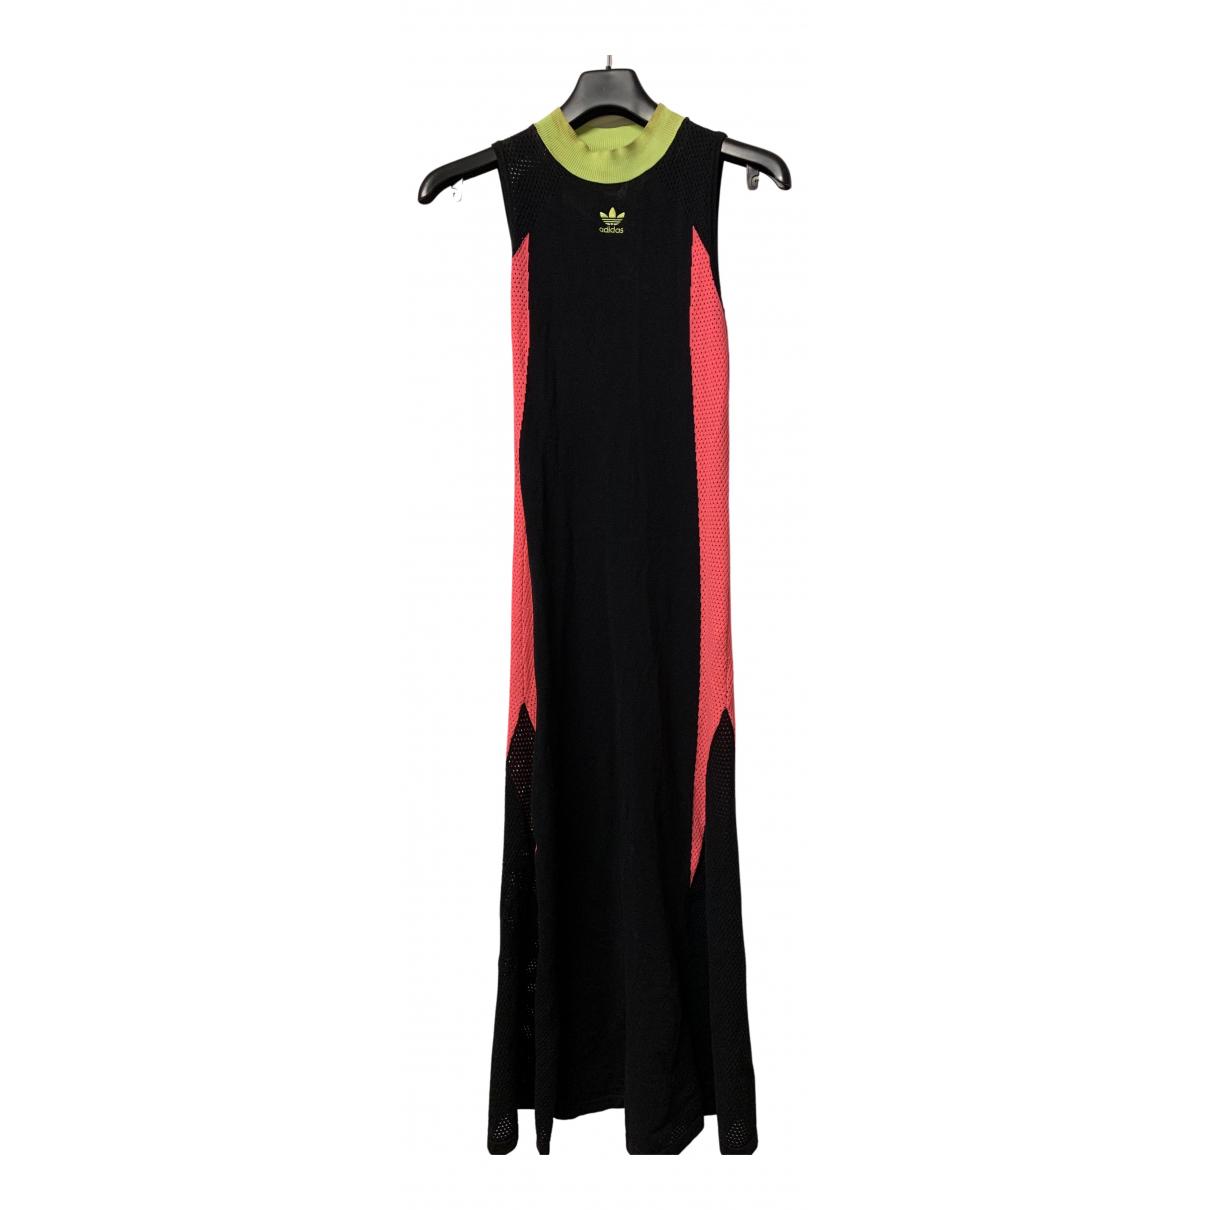 Adidas - Robe   pour femme - noir